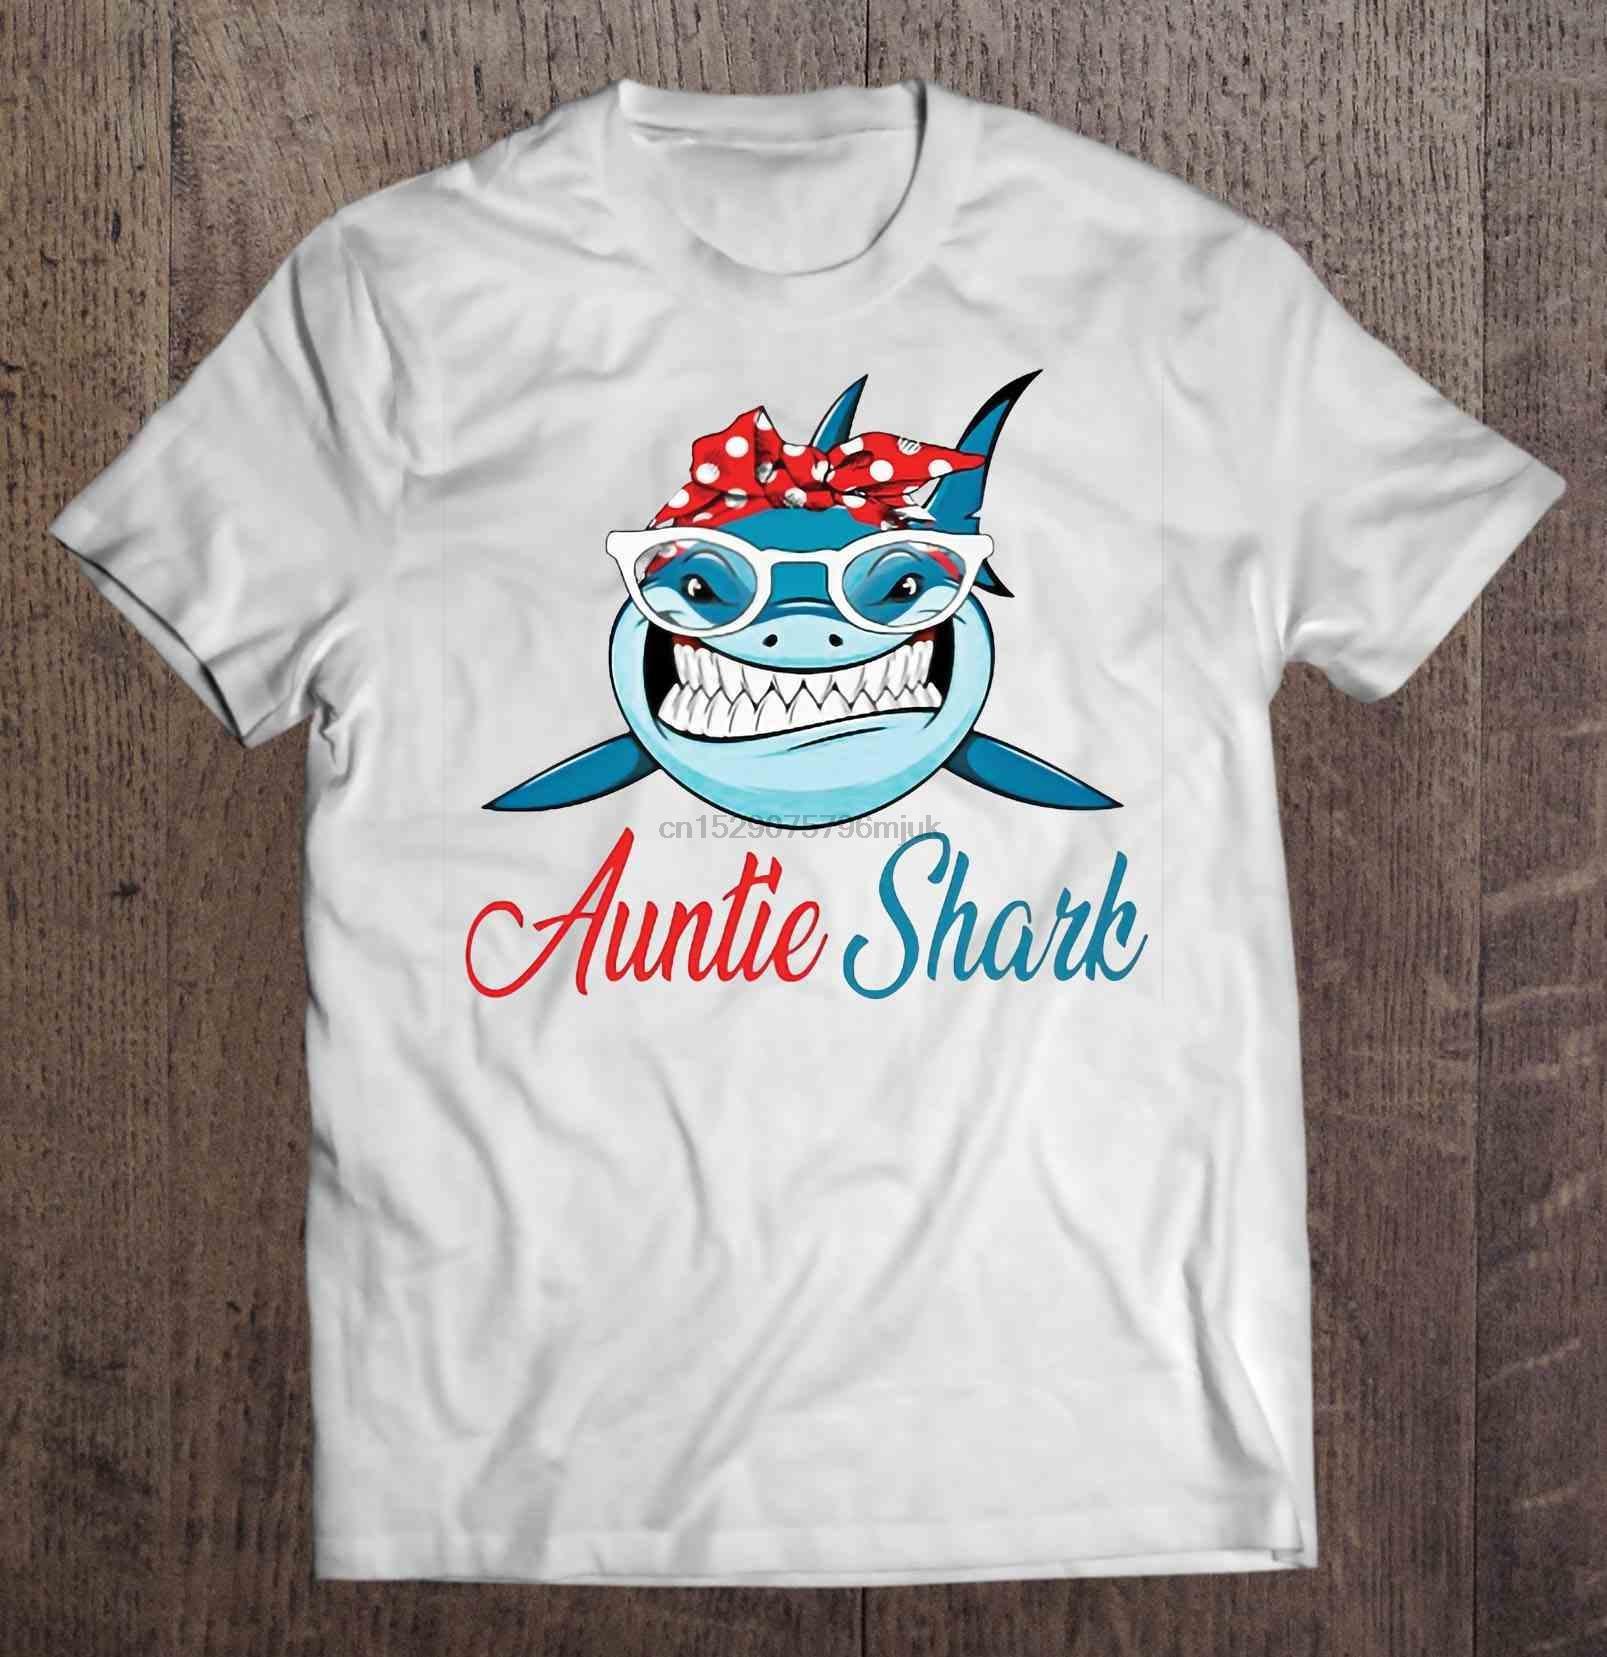 Мужчины Футболка Бандан Тетушка акула Женщина футболка